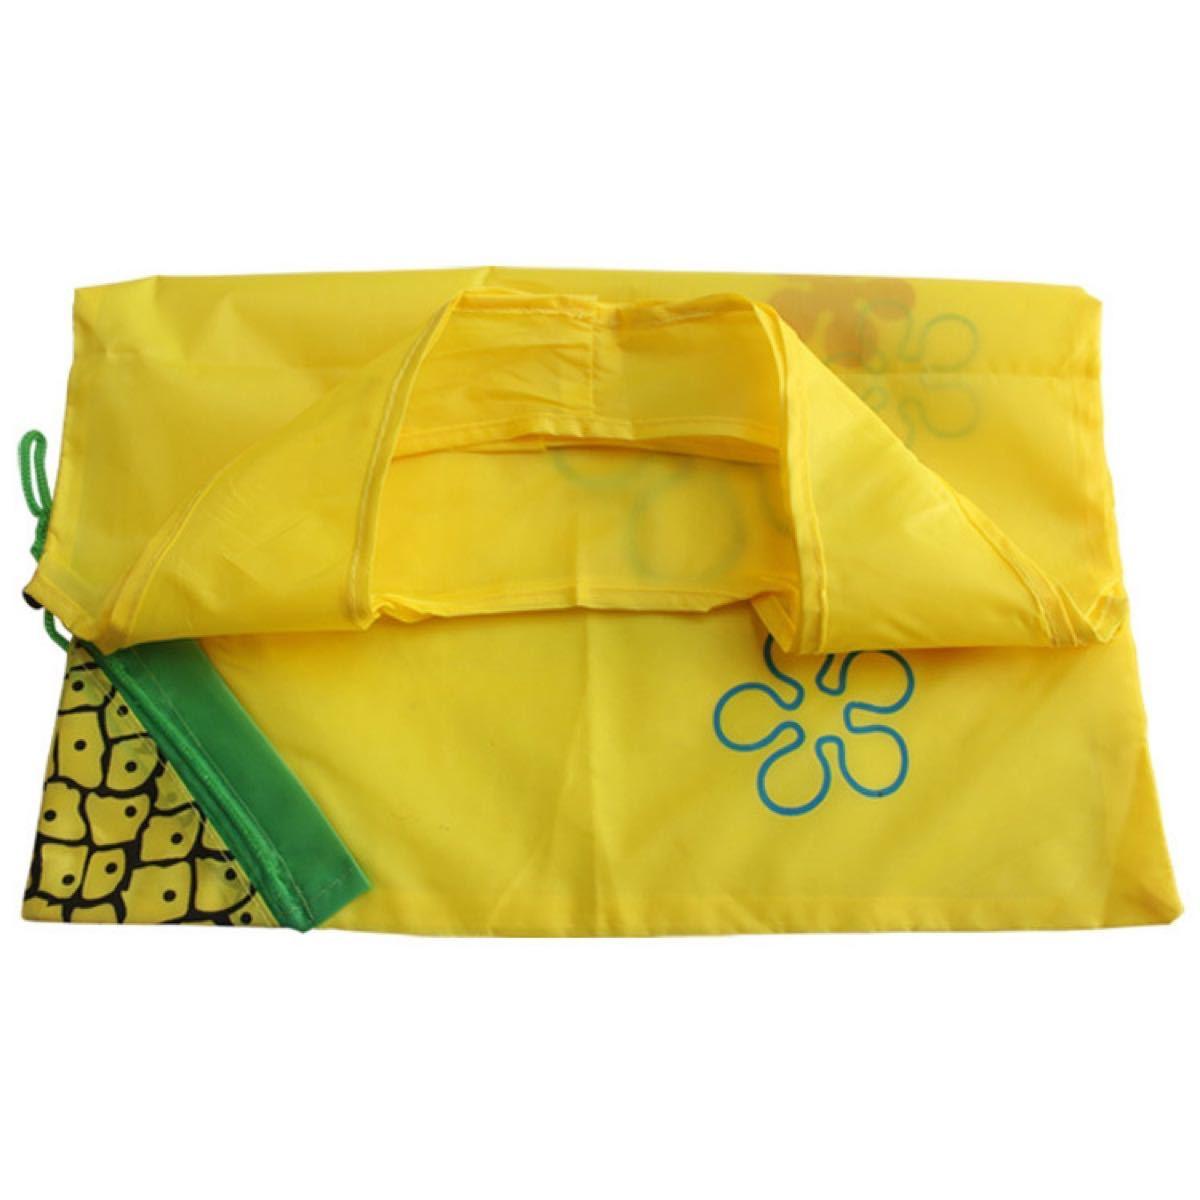 エコバッグ ショッピングバッグ 折りたたみ 洗える 大容量 収納袋 7枚セット